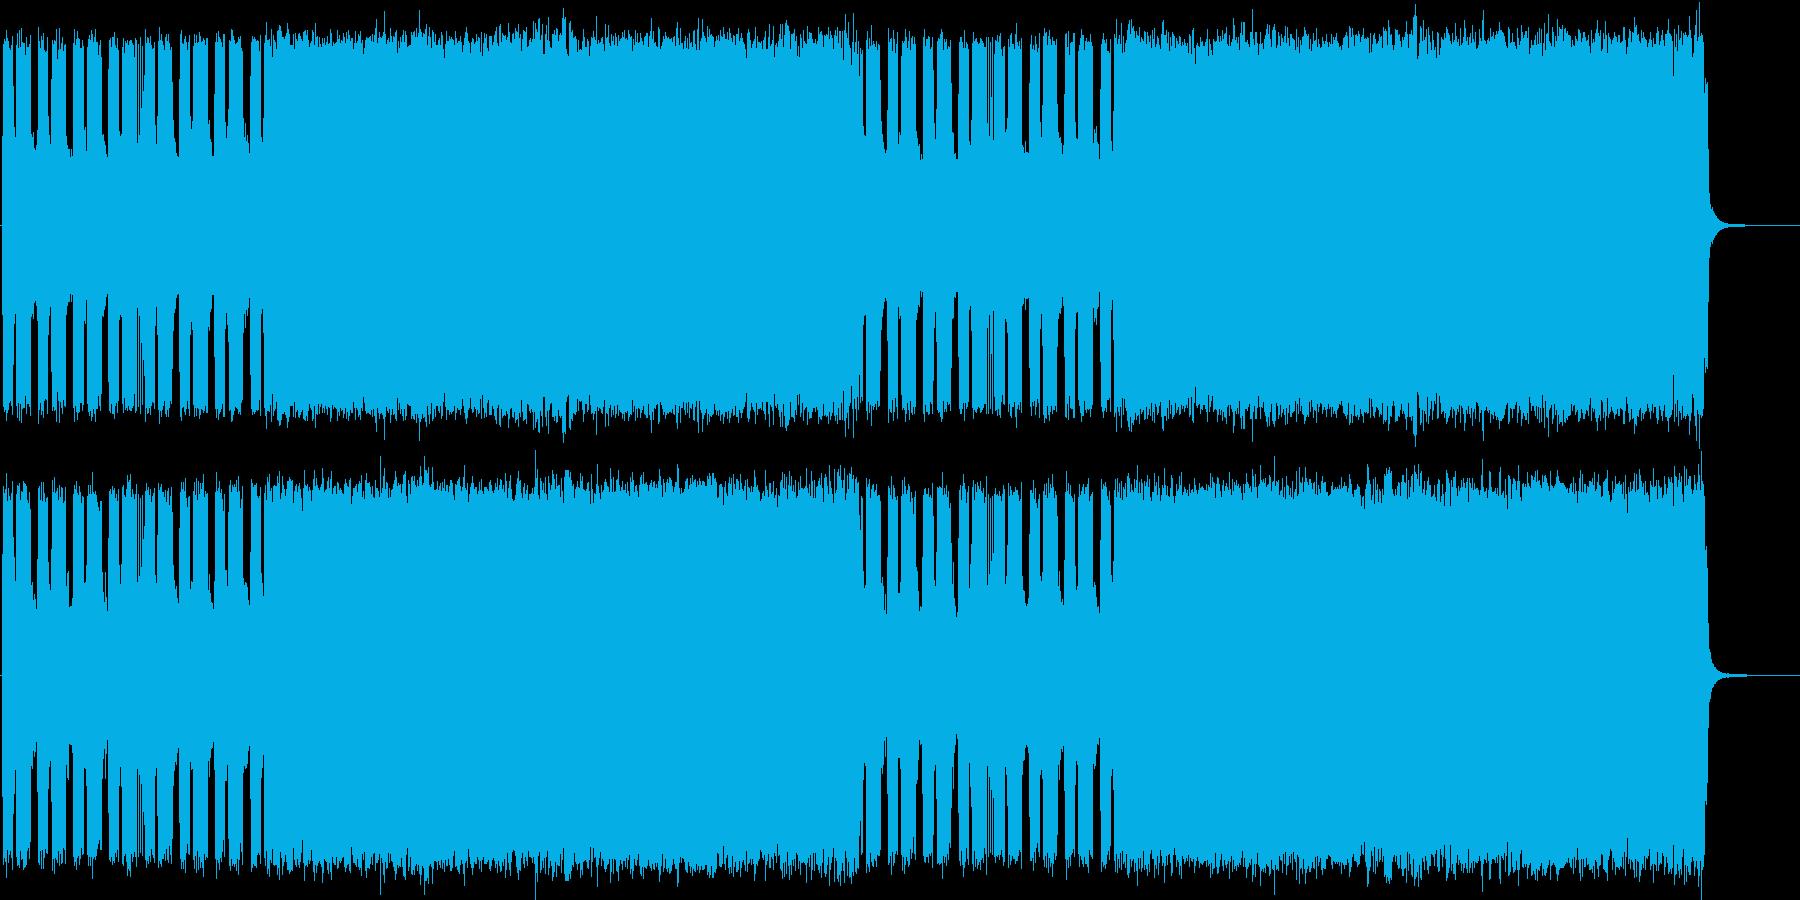 ヘヴィメタル風ギターインストBGMの再生済みの波形